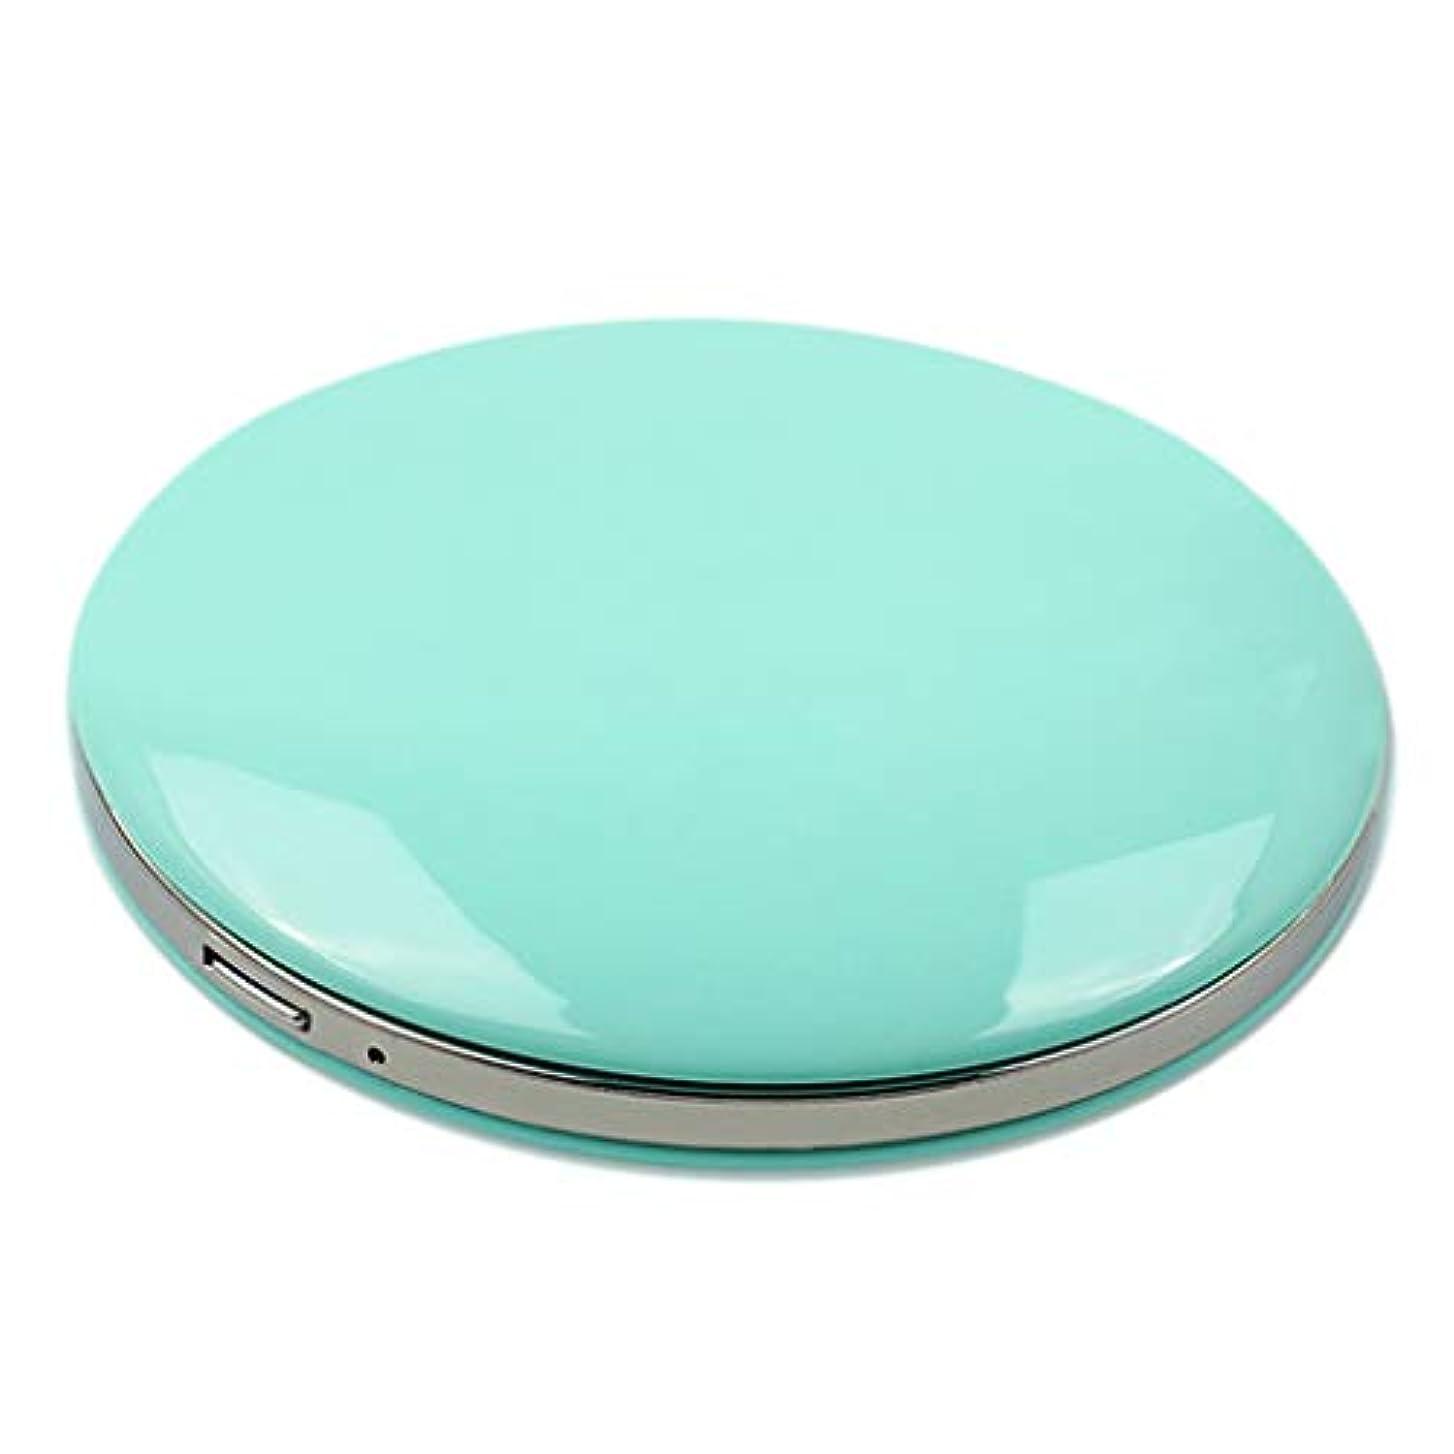 葉ぐったり危険を冒しますコンパクトミラー 拡大鏡付き 3倍 LED付き 化粧鏡 携帯ミラー 化粧鏡 手持式 持ち運び 全5色 - 緑